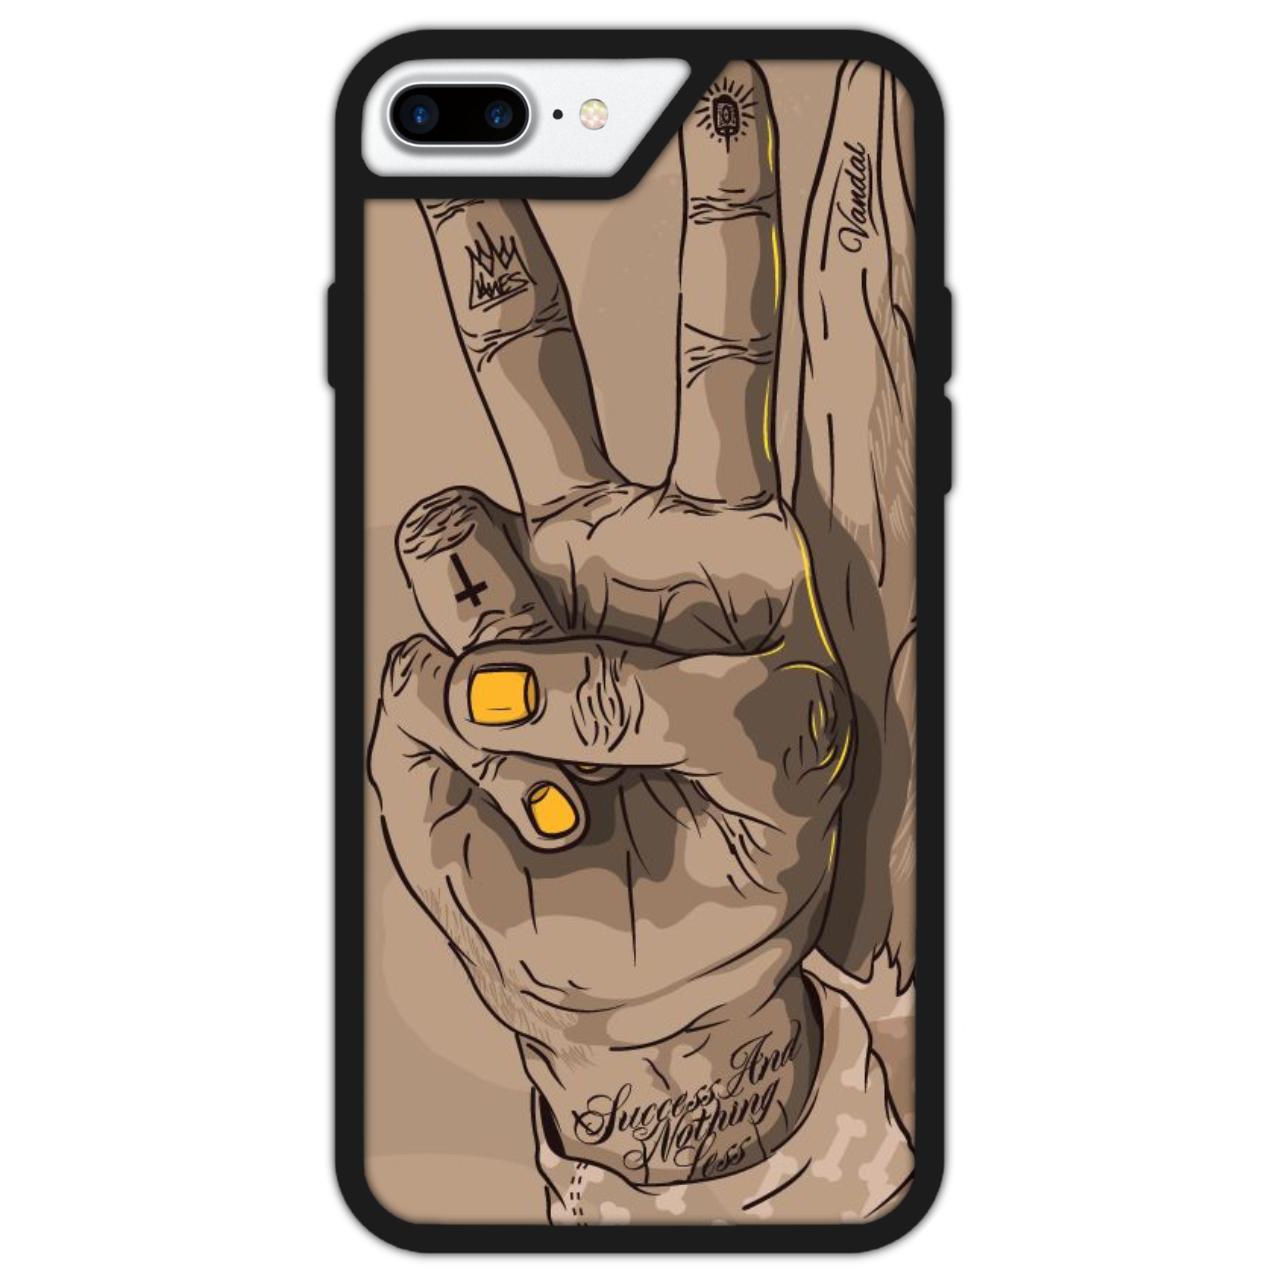 کاور مدل A7P0515 مناسب برای گوشی موبایل اپل iPhone 7 Plus/8 plus thumb